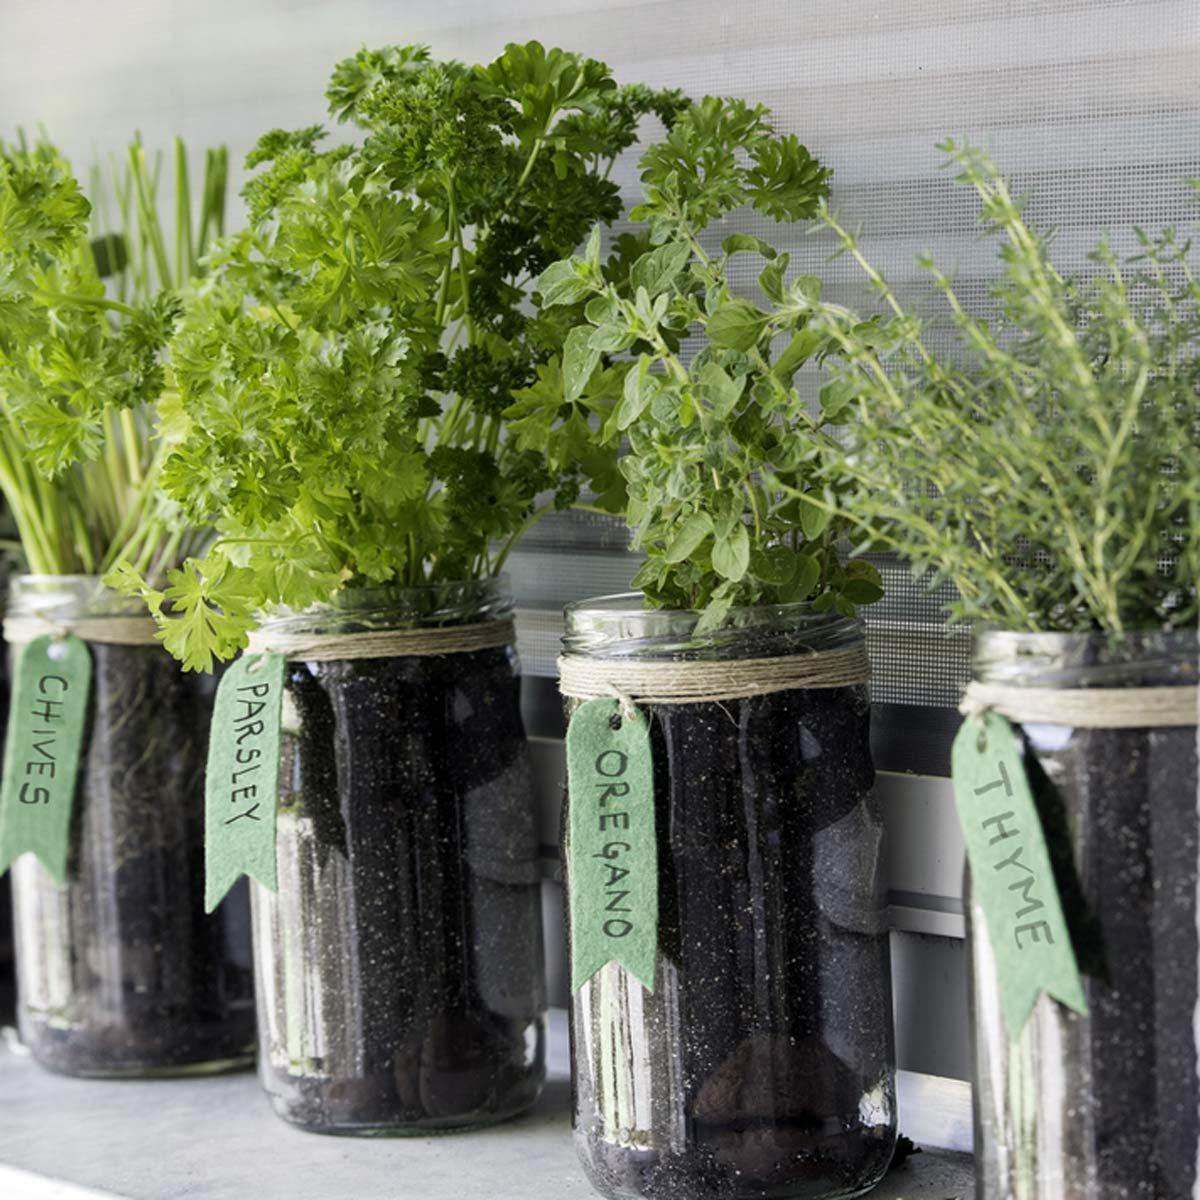 Sauver la planète : cultivez des herbes aromatiques avec ces pots Mason.